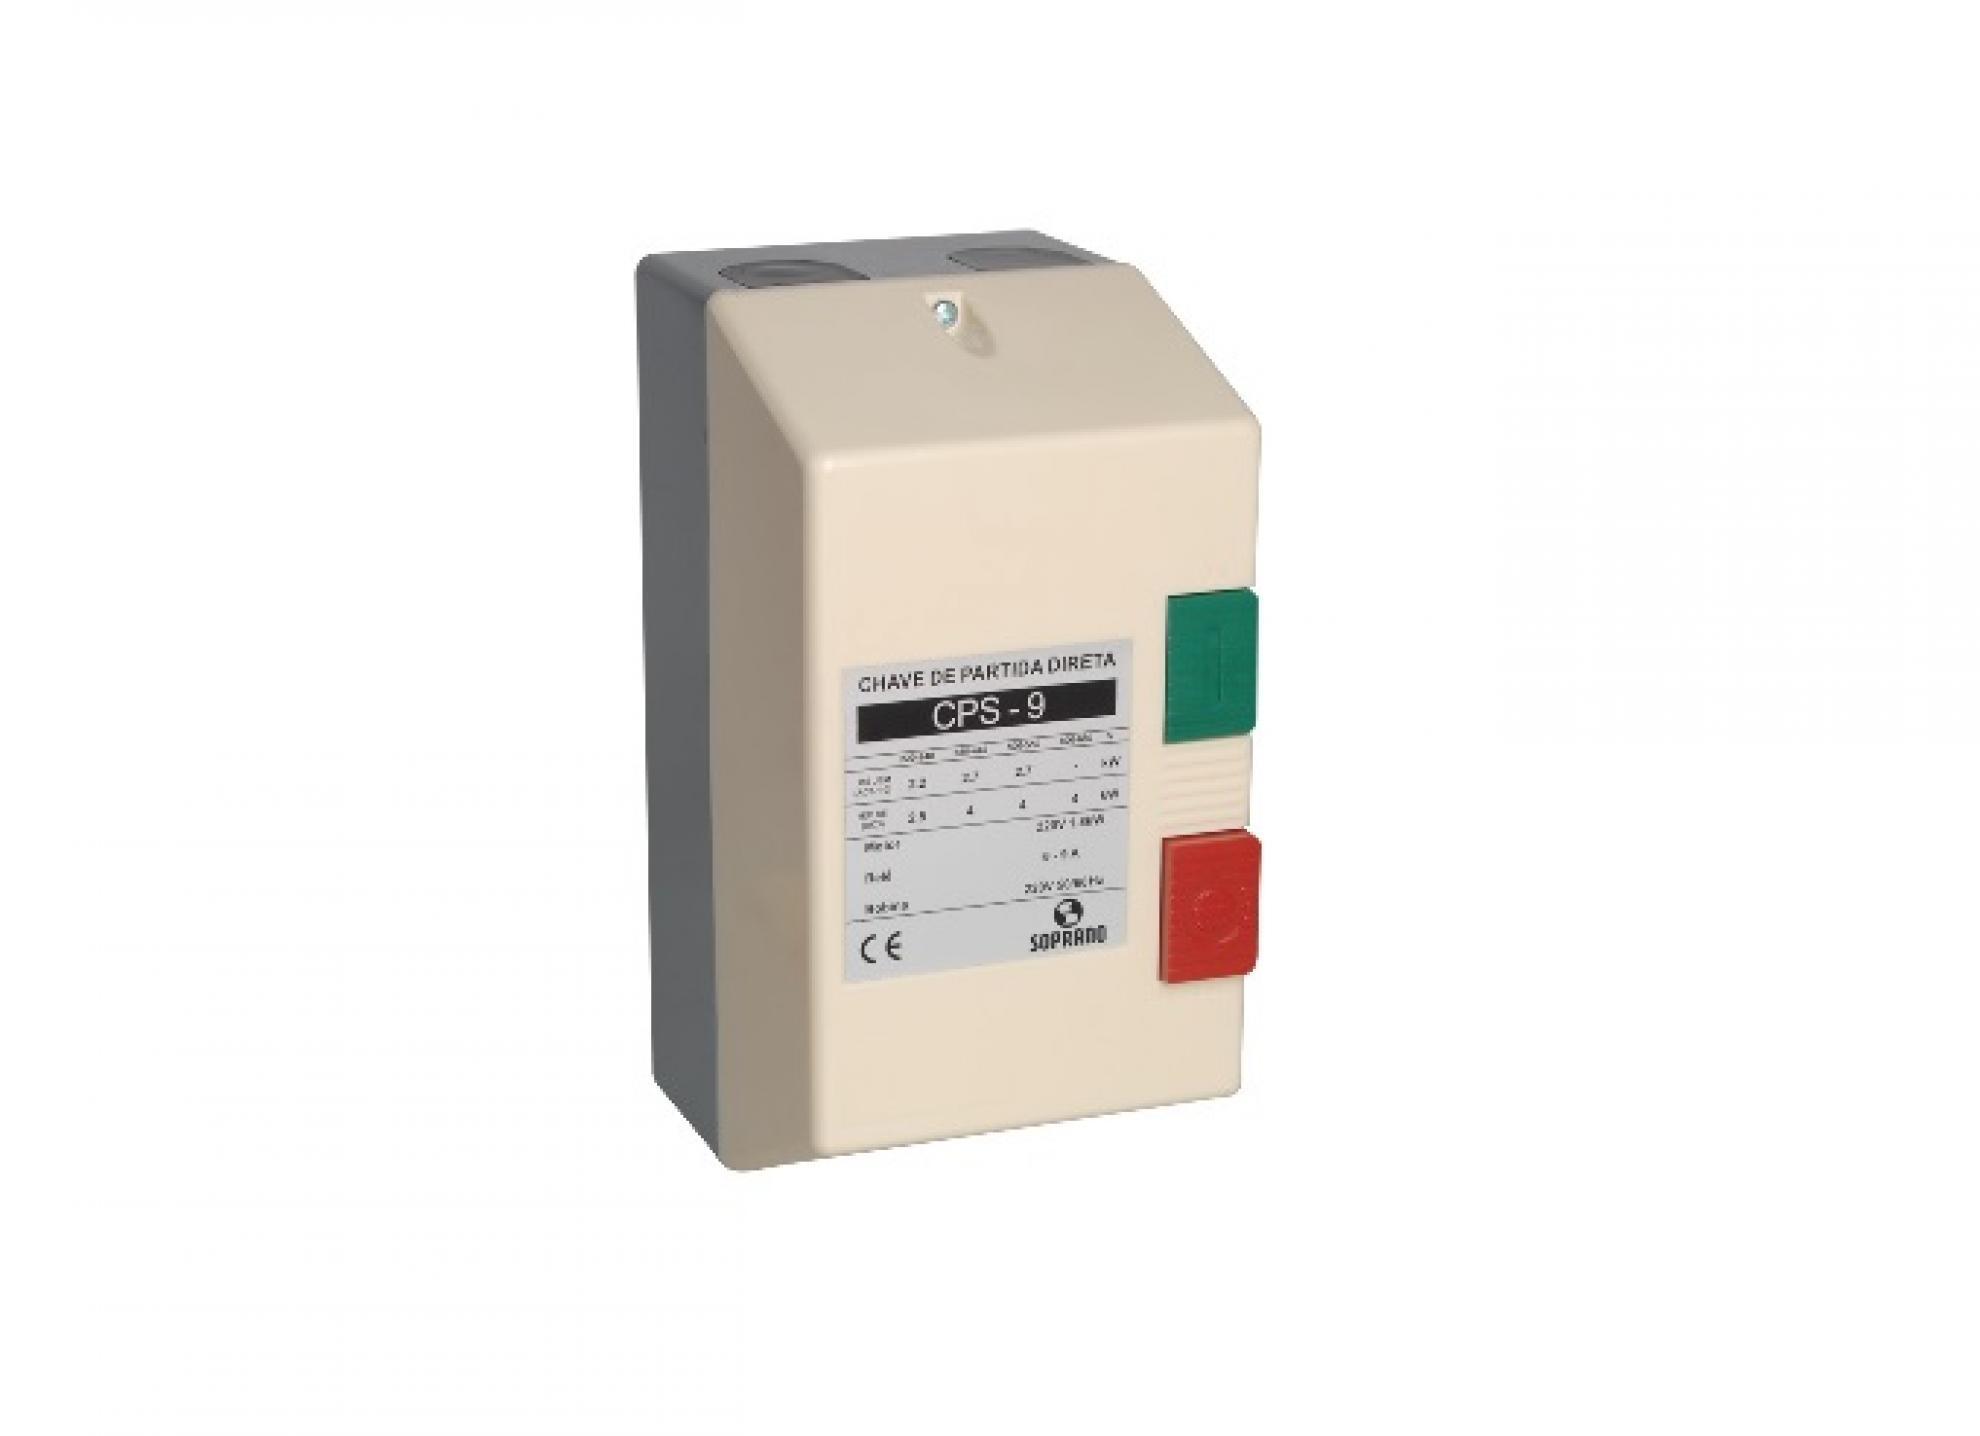 Chave de Partida CPS - 09 (7,0-10,0) 220VAC